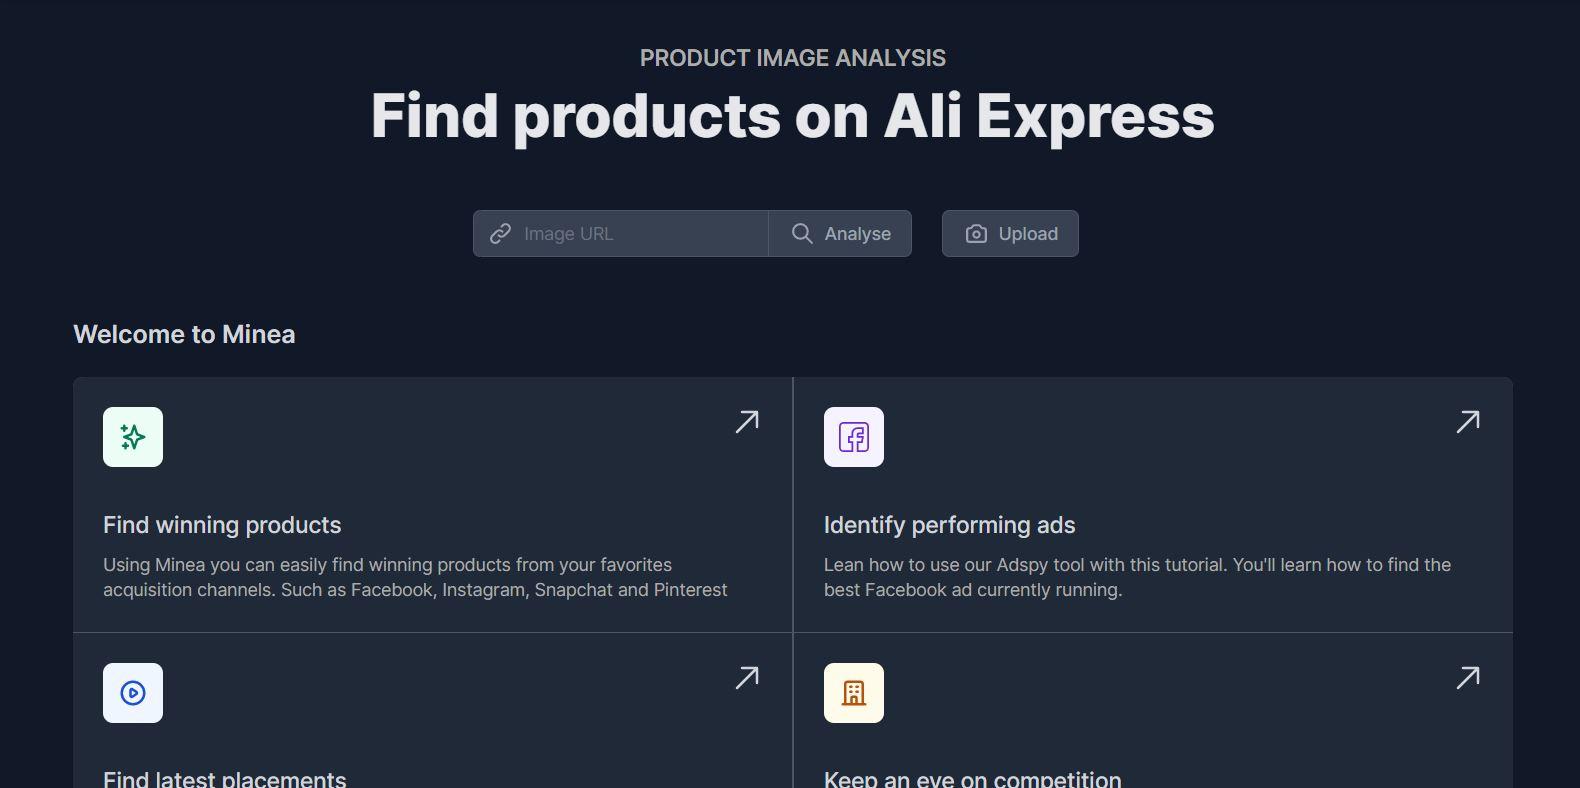 Comment sourcer un produit gagnant sur AliExpress instantanément ?